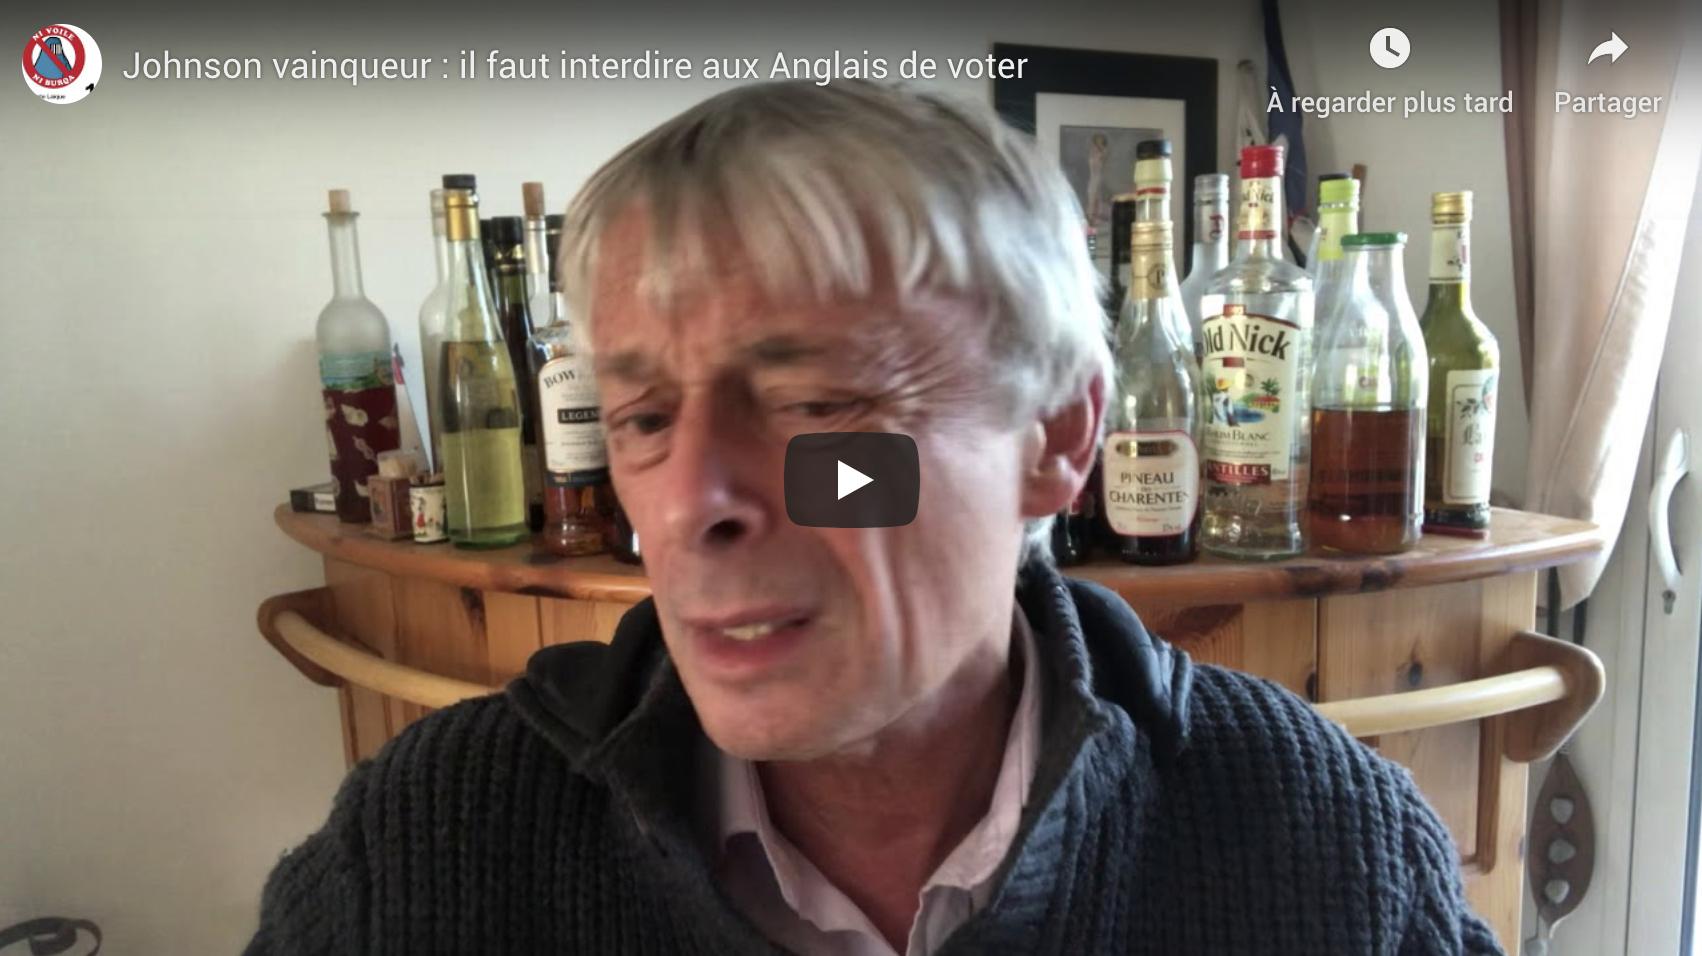 """Johnson vainqueur : """"Il faut interdire aux Anglais de voter"""" (Pierre Cassen, ironique)"""